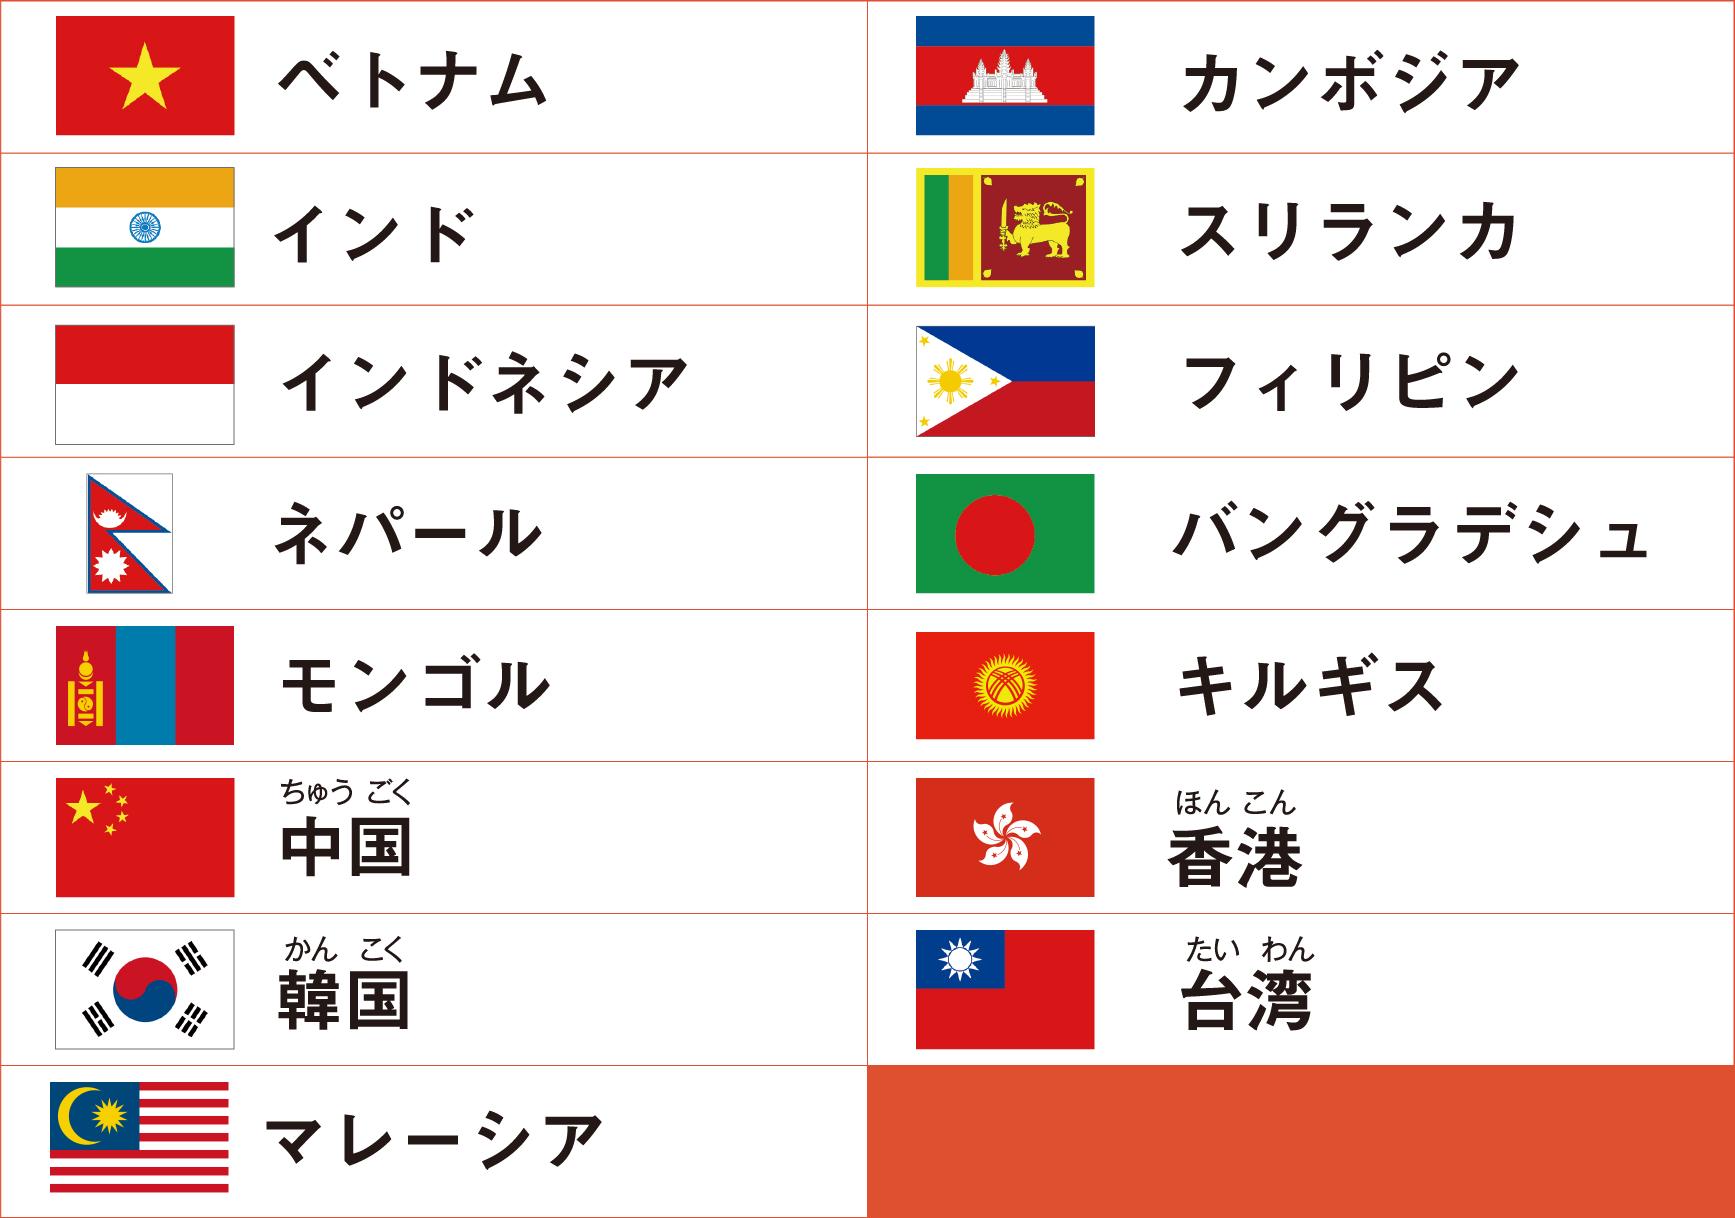 おもにこちらの国の人たちが勉強しています。